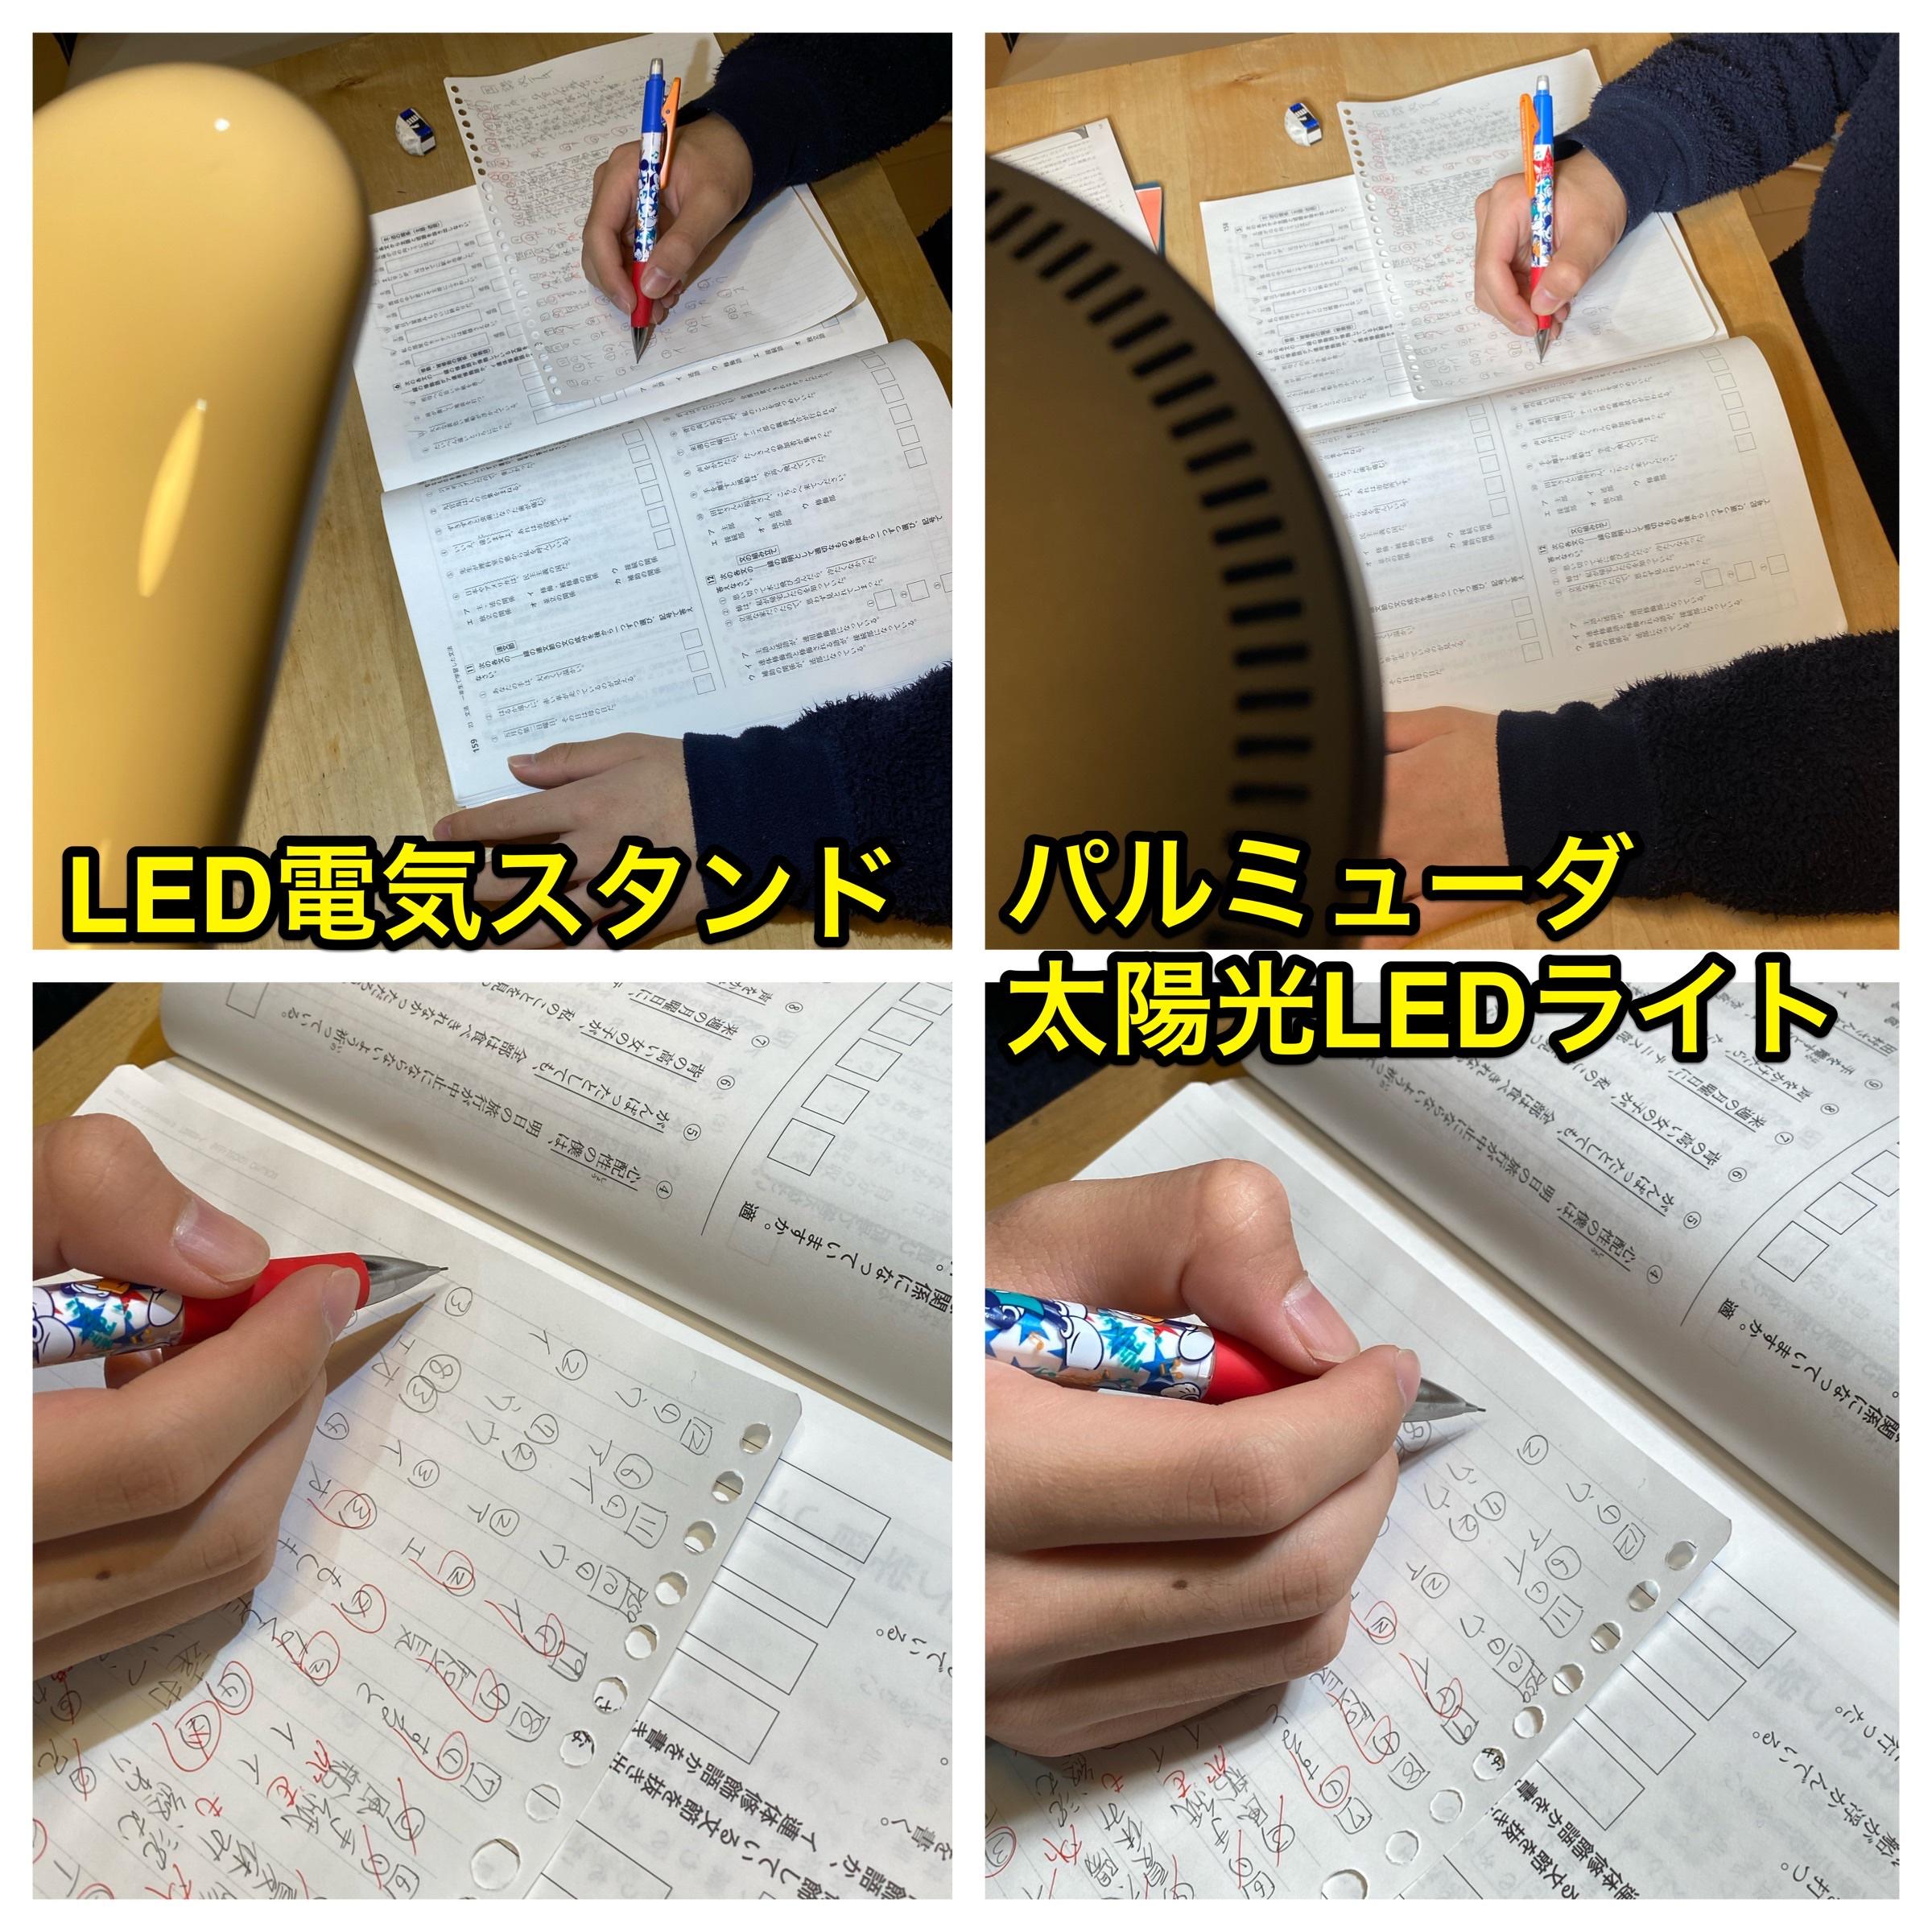 fc2blog_20200316201130f1c.jpg